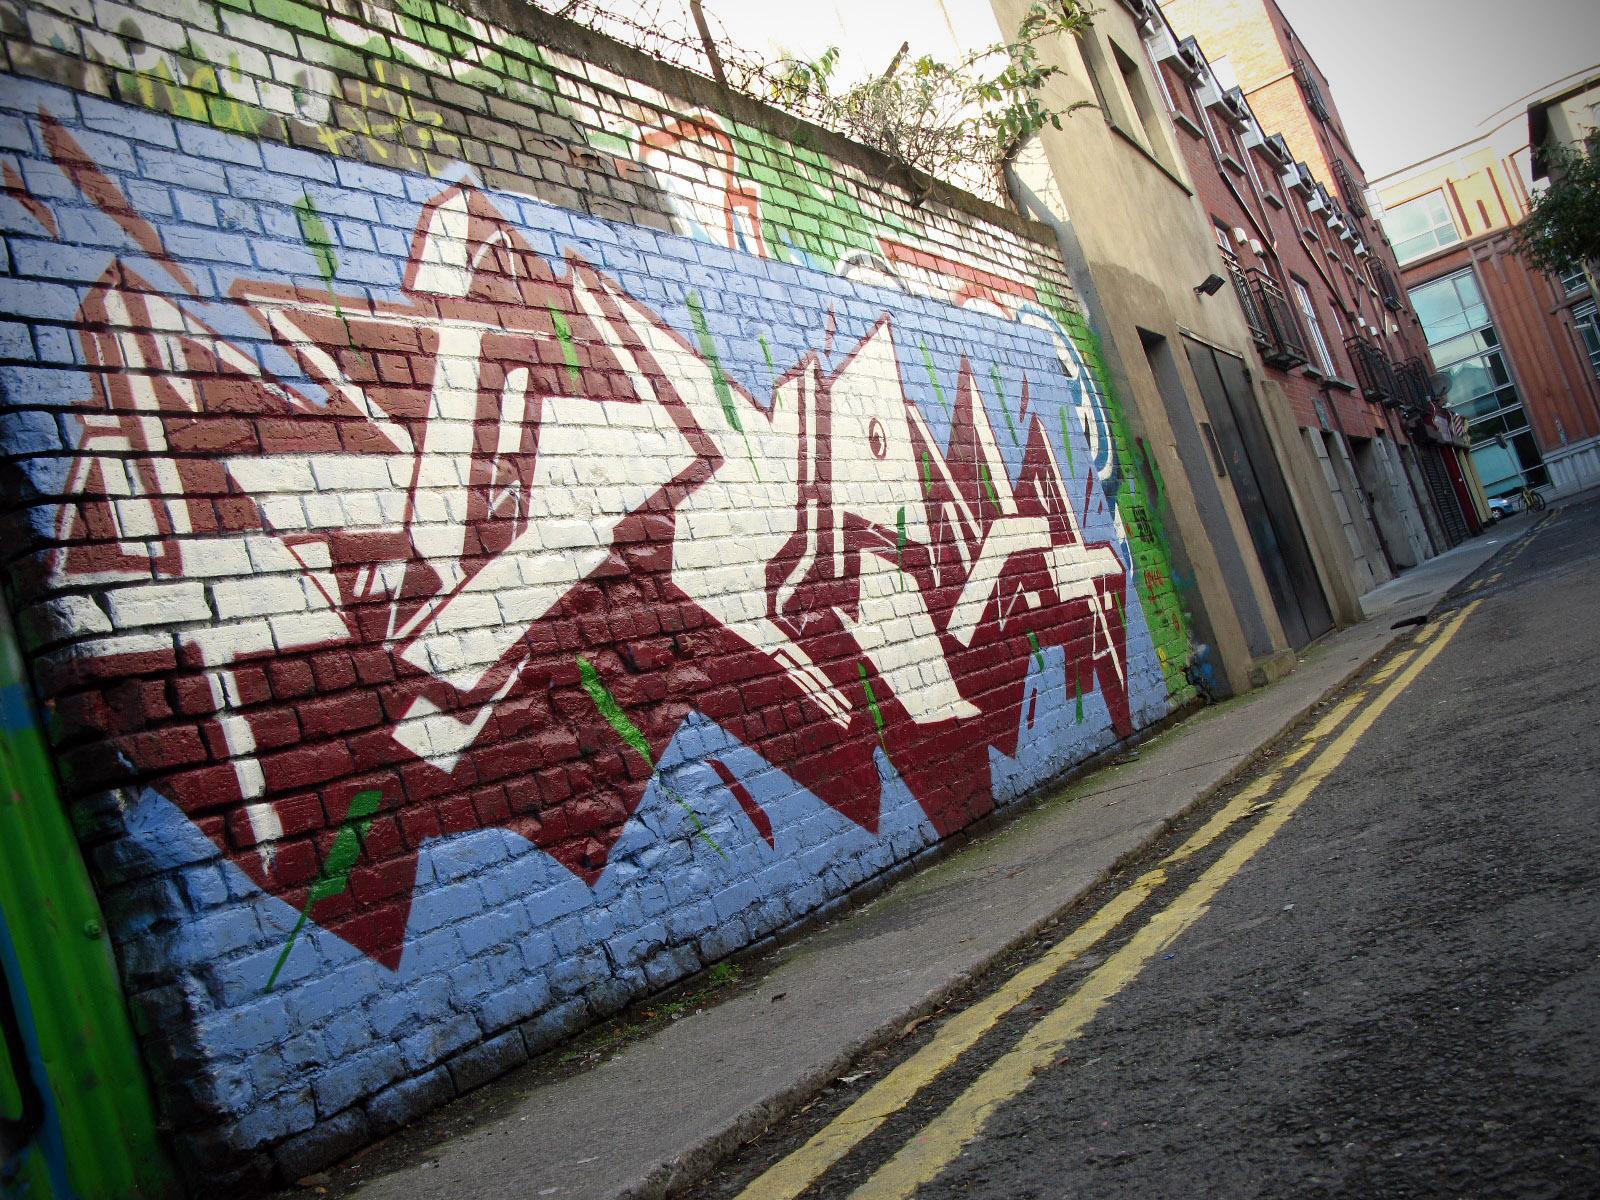 Graffiti wall dublin -  More